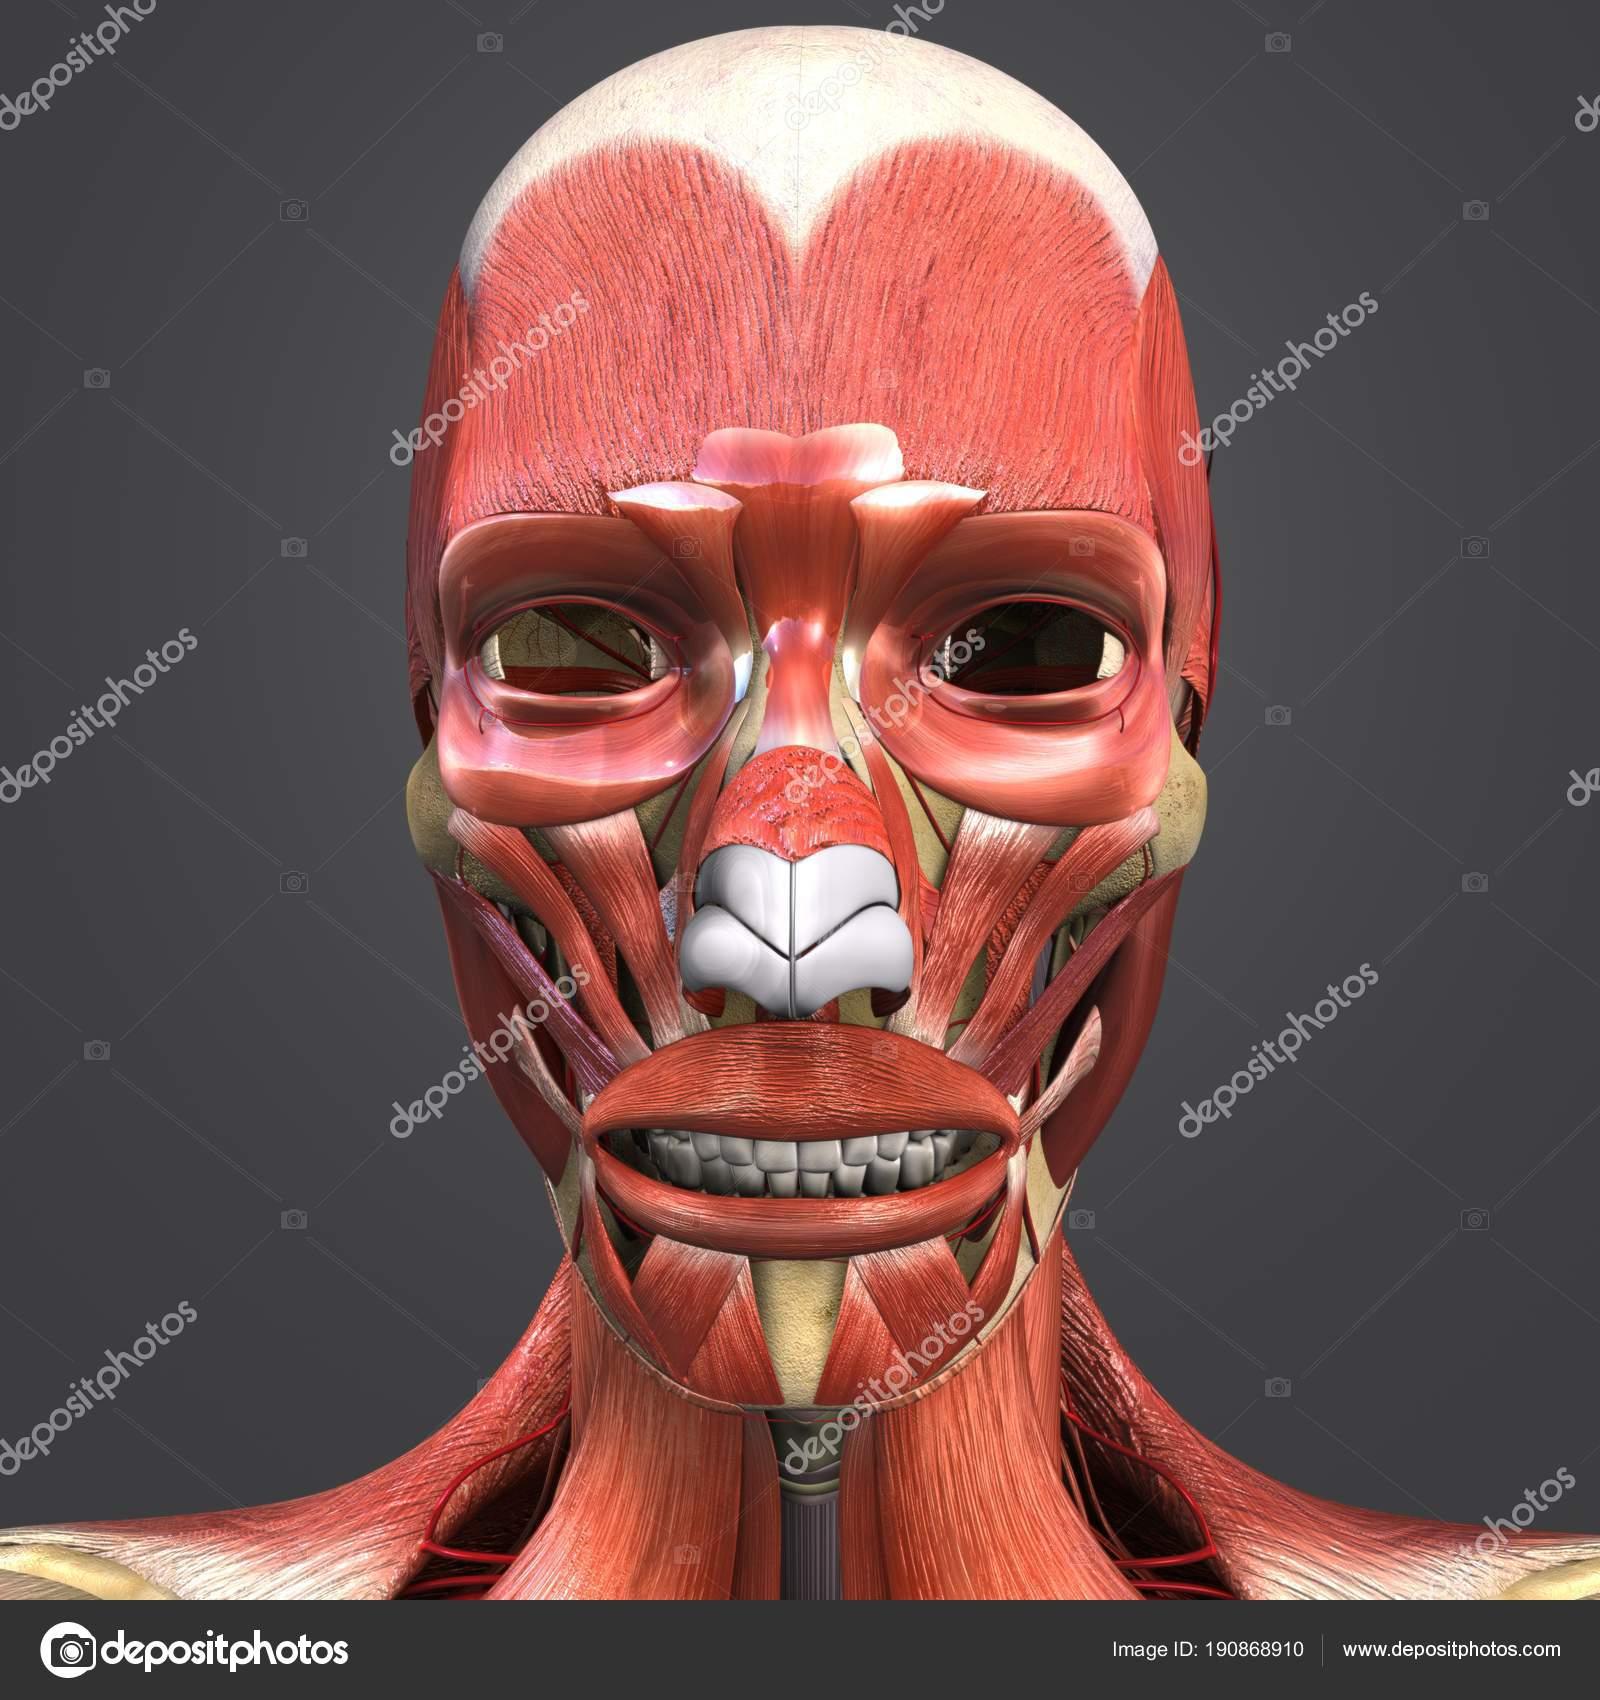 Bunte Medizinische Illustration Des Menschlichen Gesichts Muskeln ...